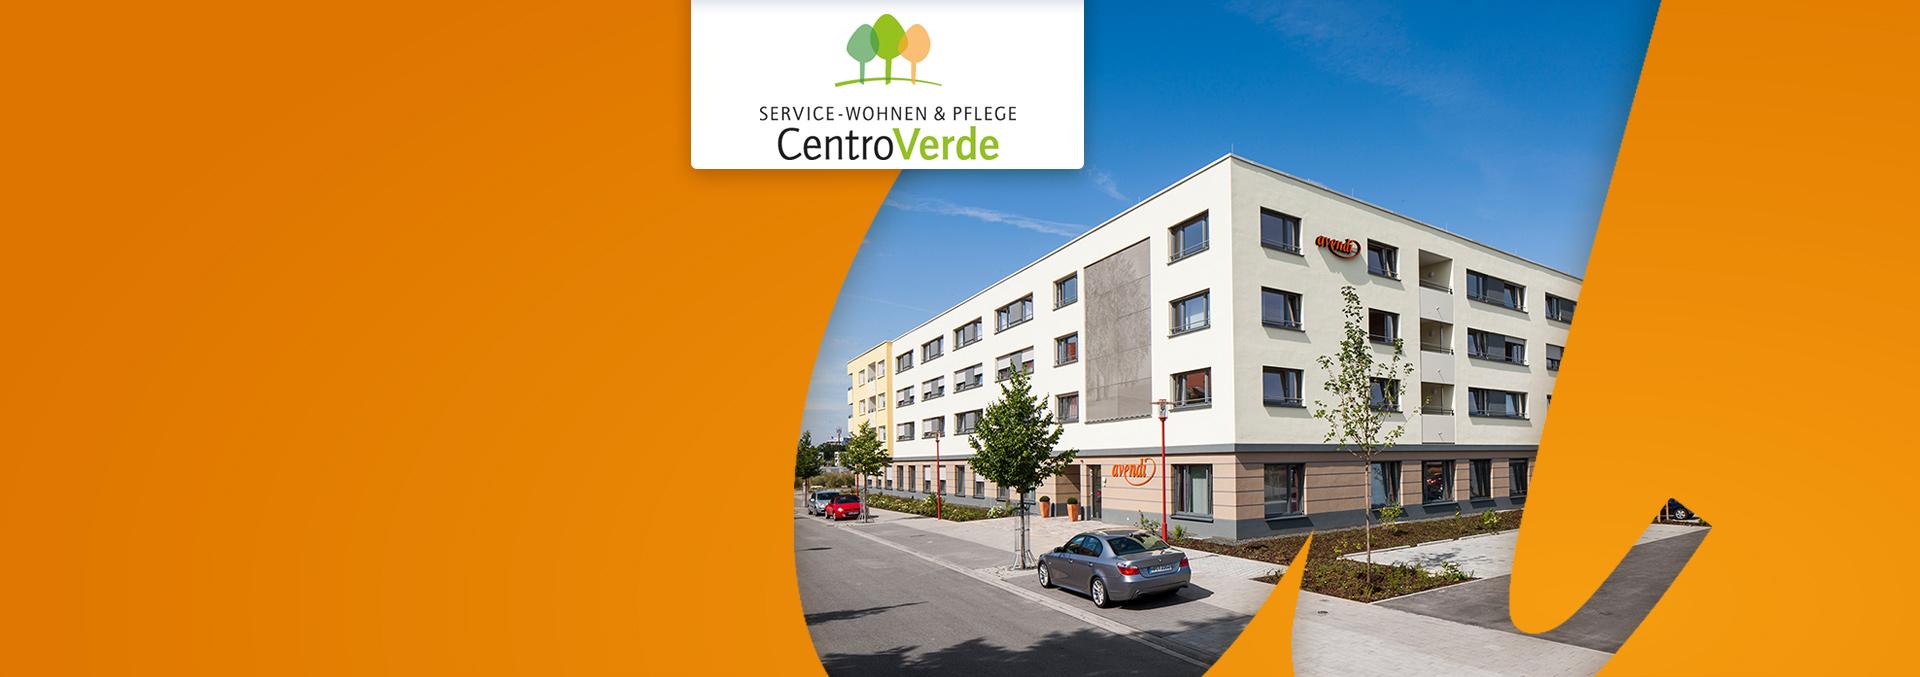 Service-Wohnen und Pflege CentroVerde: Außenansicht mit Blick auf den Eingang, vierstöckiges Gebäude, großzügige Parkflächen